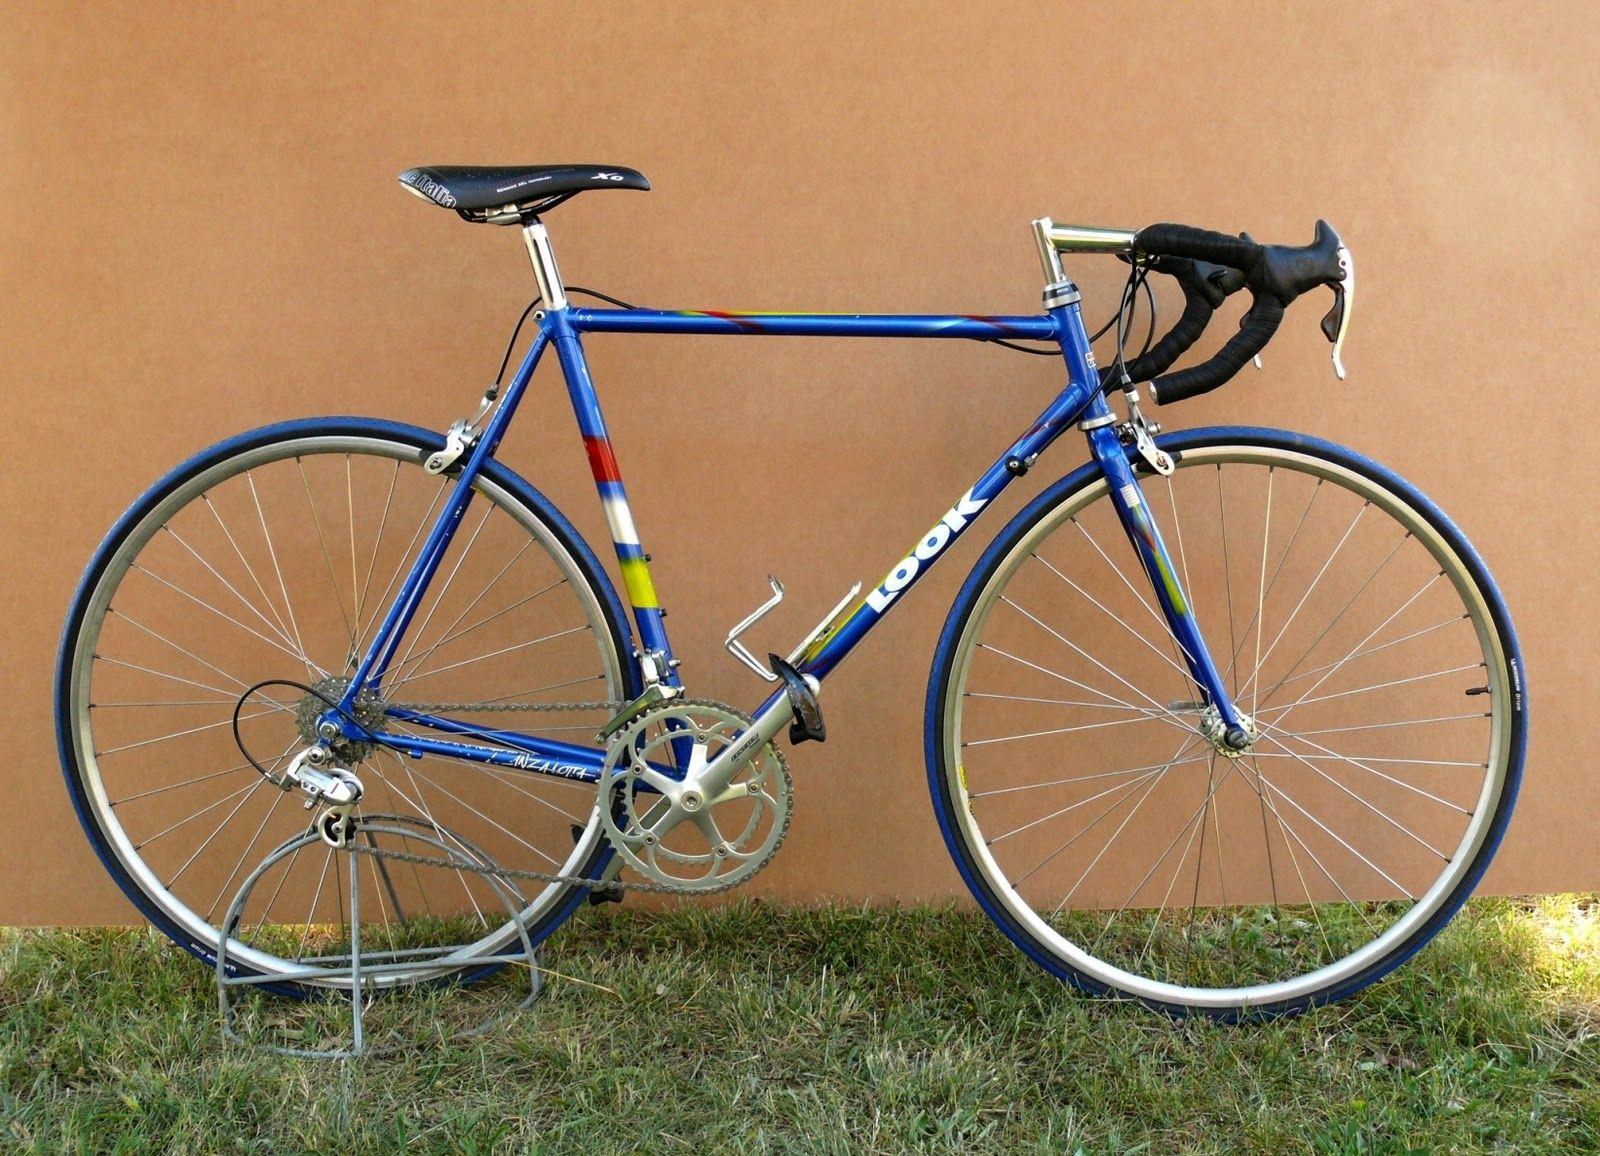 Cherche vélo Look 1985 – 1999 petite taille E5d8352e0863de333e77a33081cd10a3